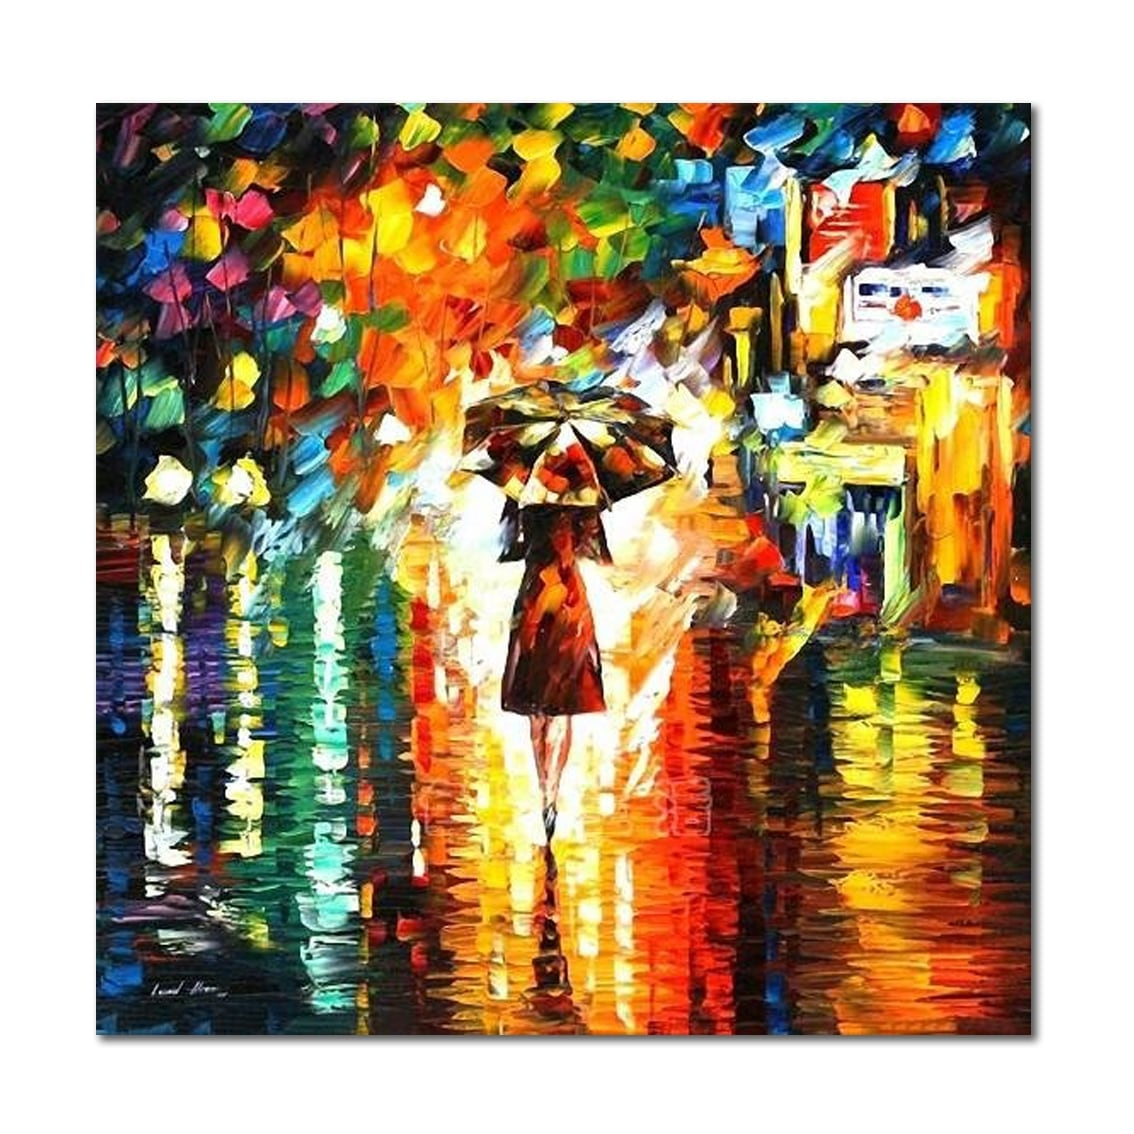 Toile peinture au couteau contemporaine et colorée d'une femme avec son parapluie